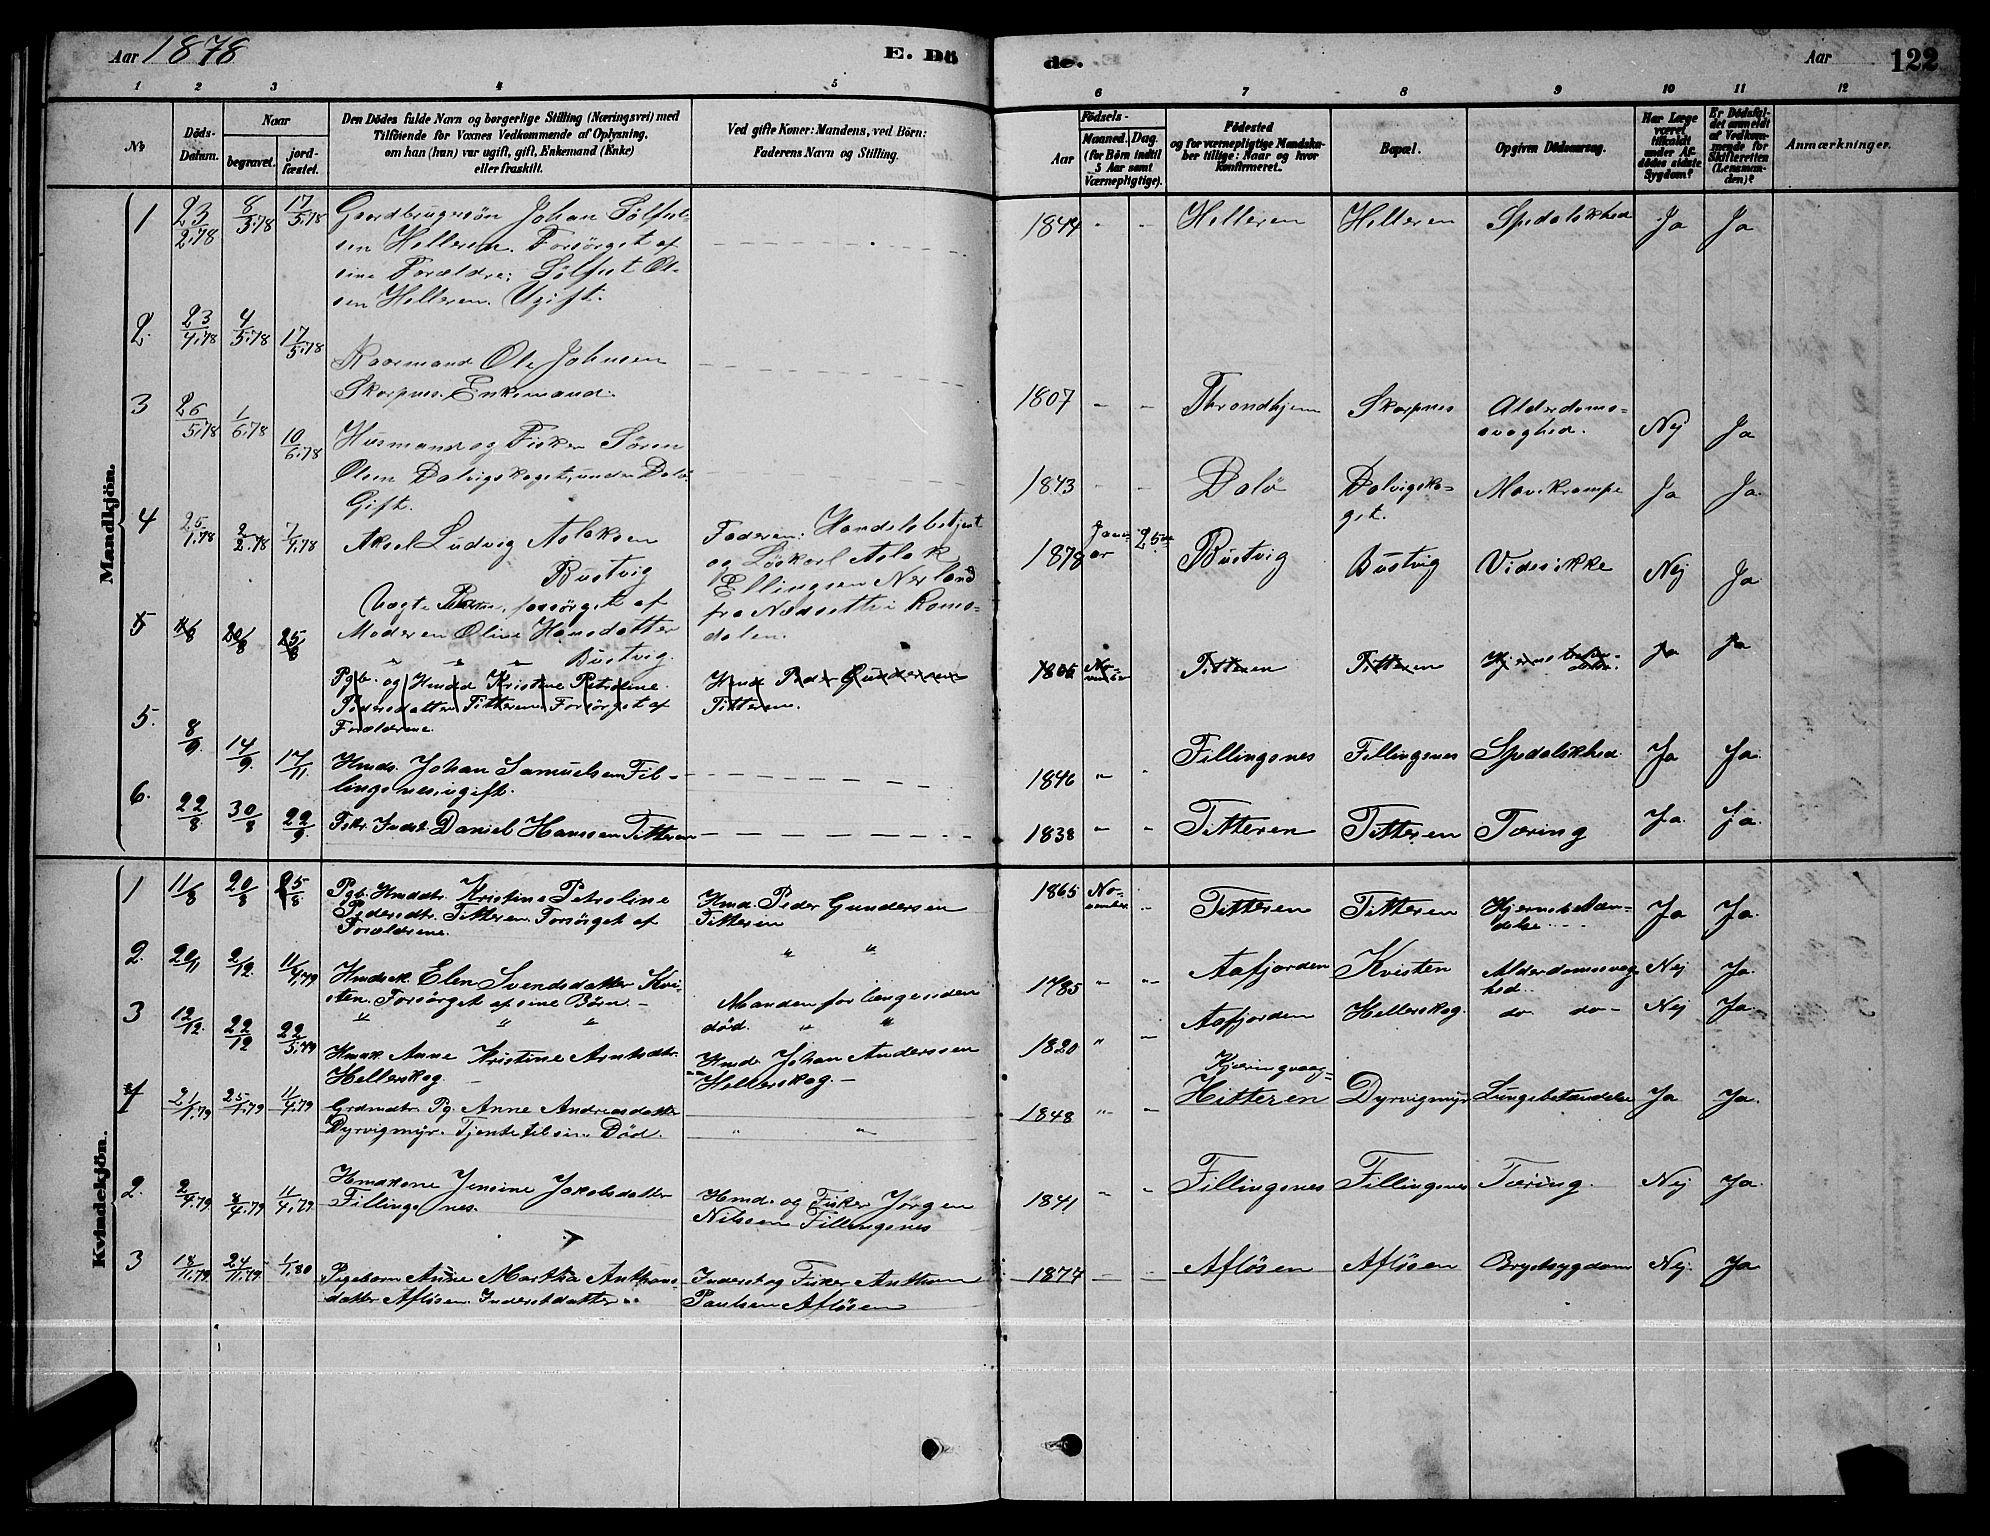 SAT, Ministerialprotokoller, klokkerbøker og fødselsregistre - Sør-Trøndelag, 641/L0597: Klokkerbok nr. 641C01, 1878-1893, s. 122